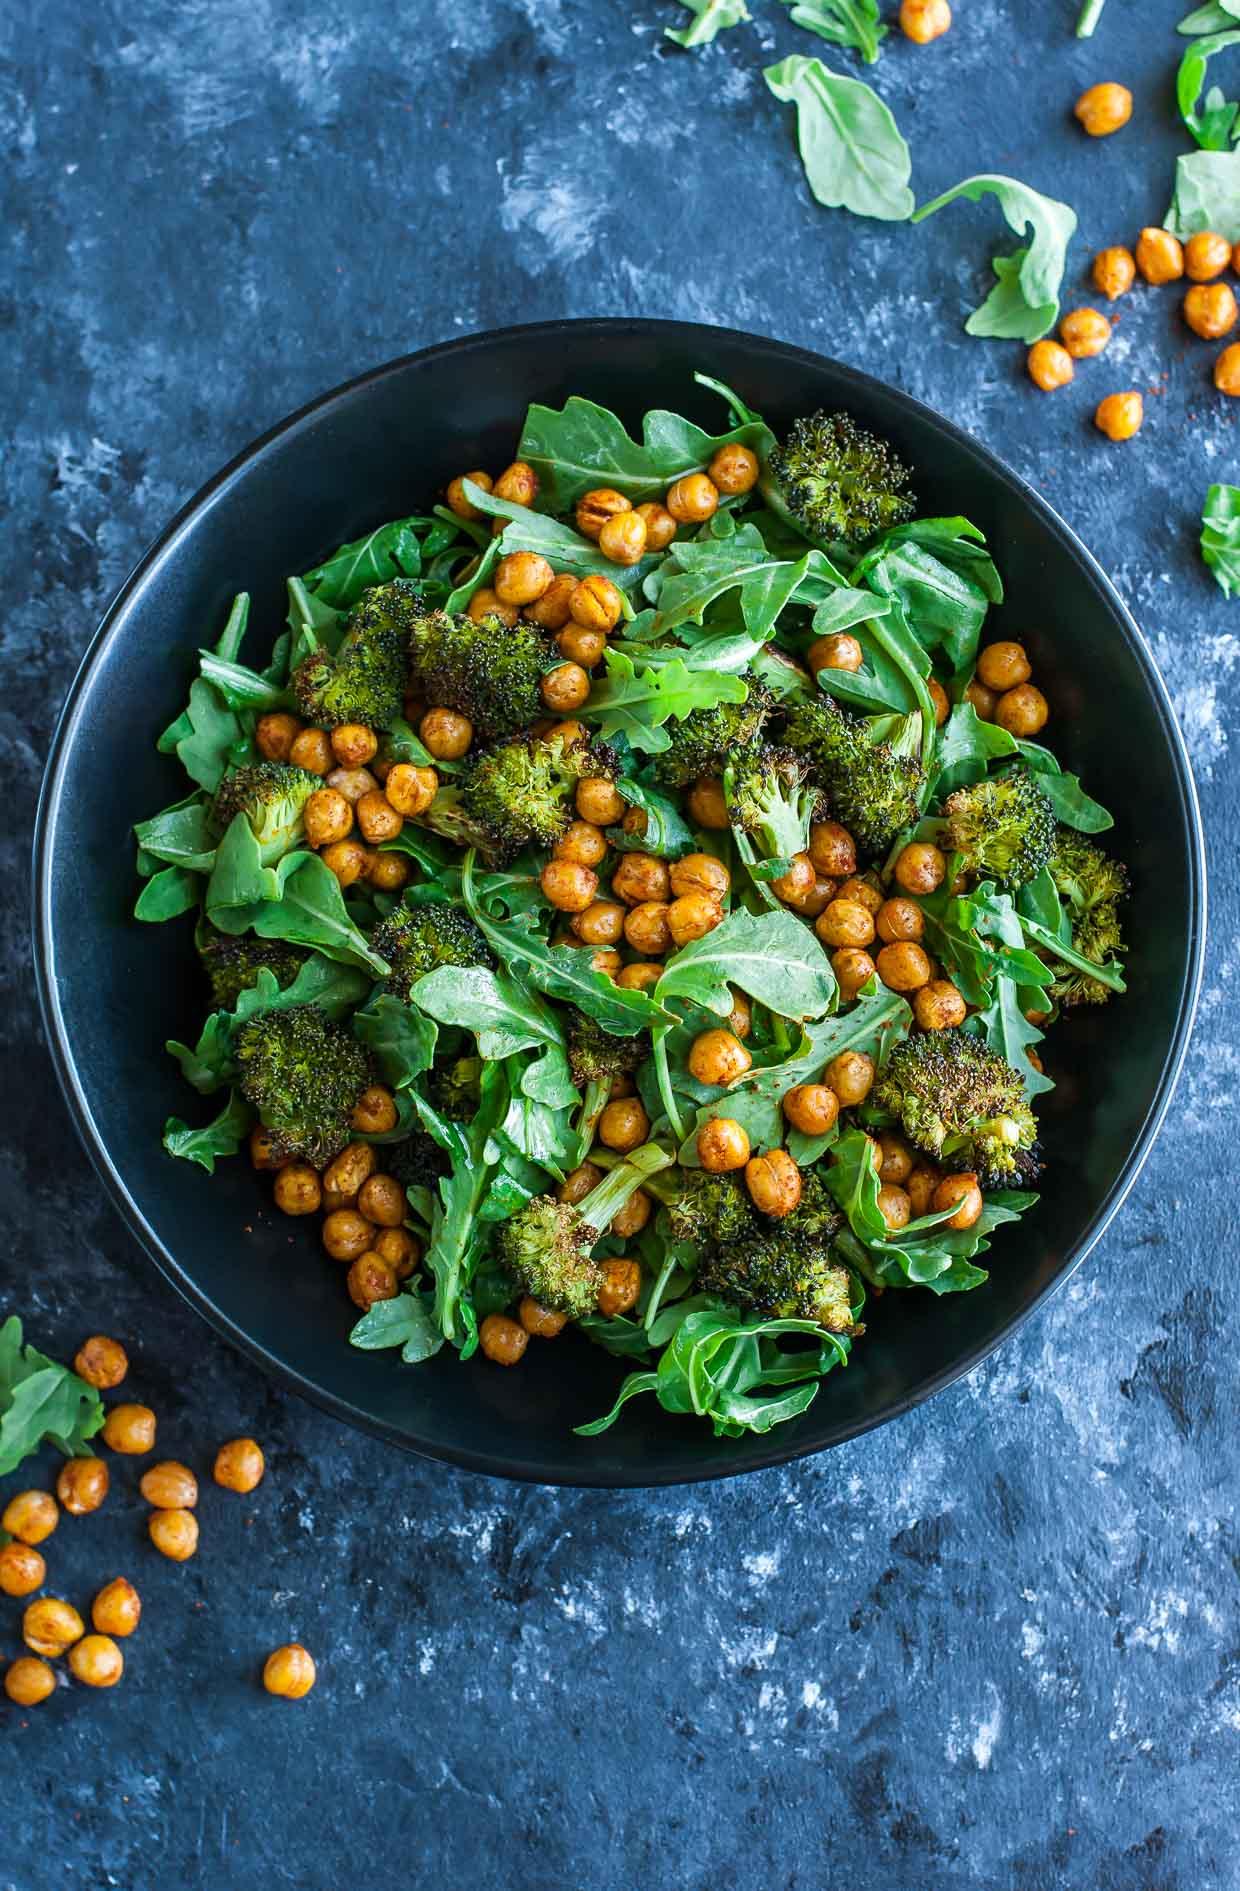 Roasted Broccoli Chickpea Arugula Salad